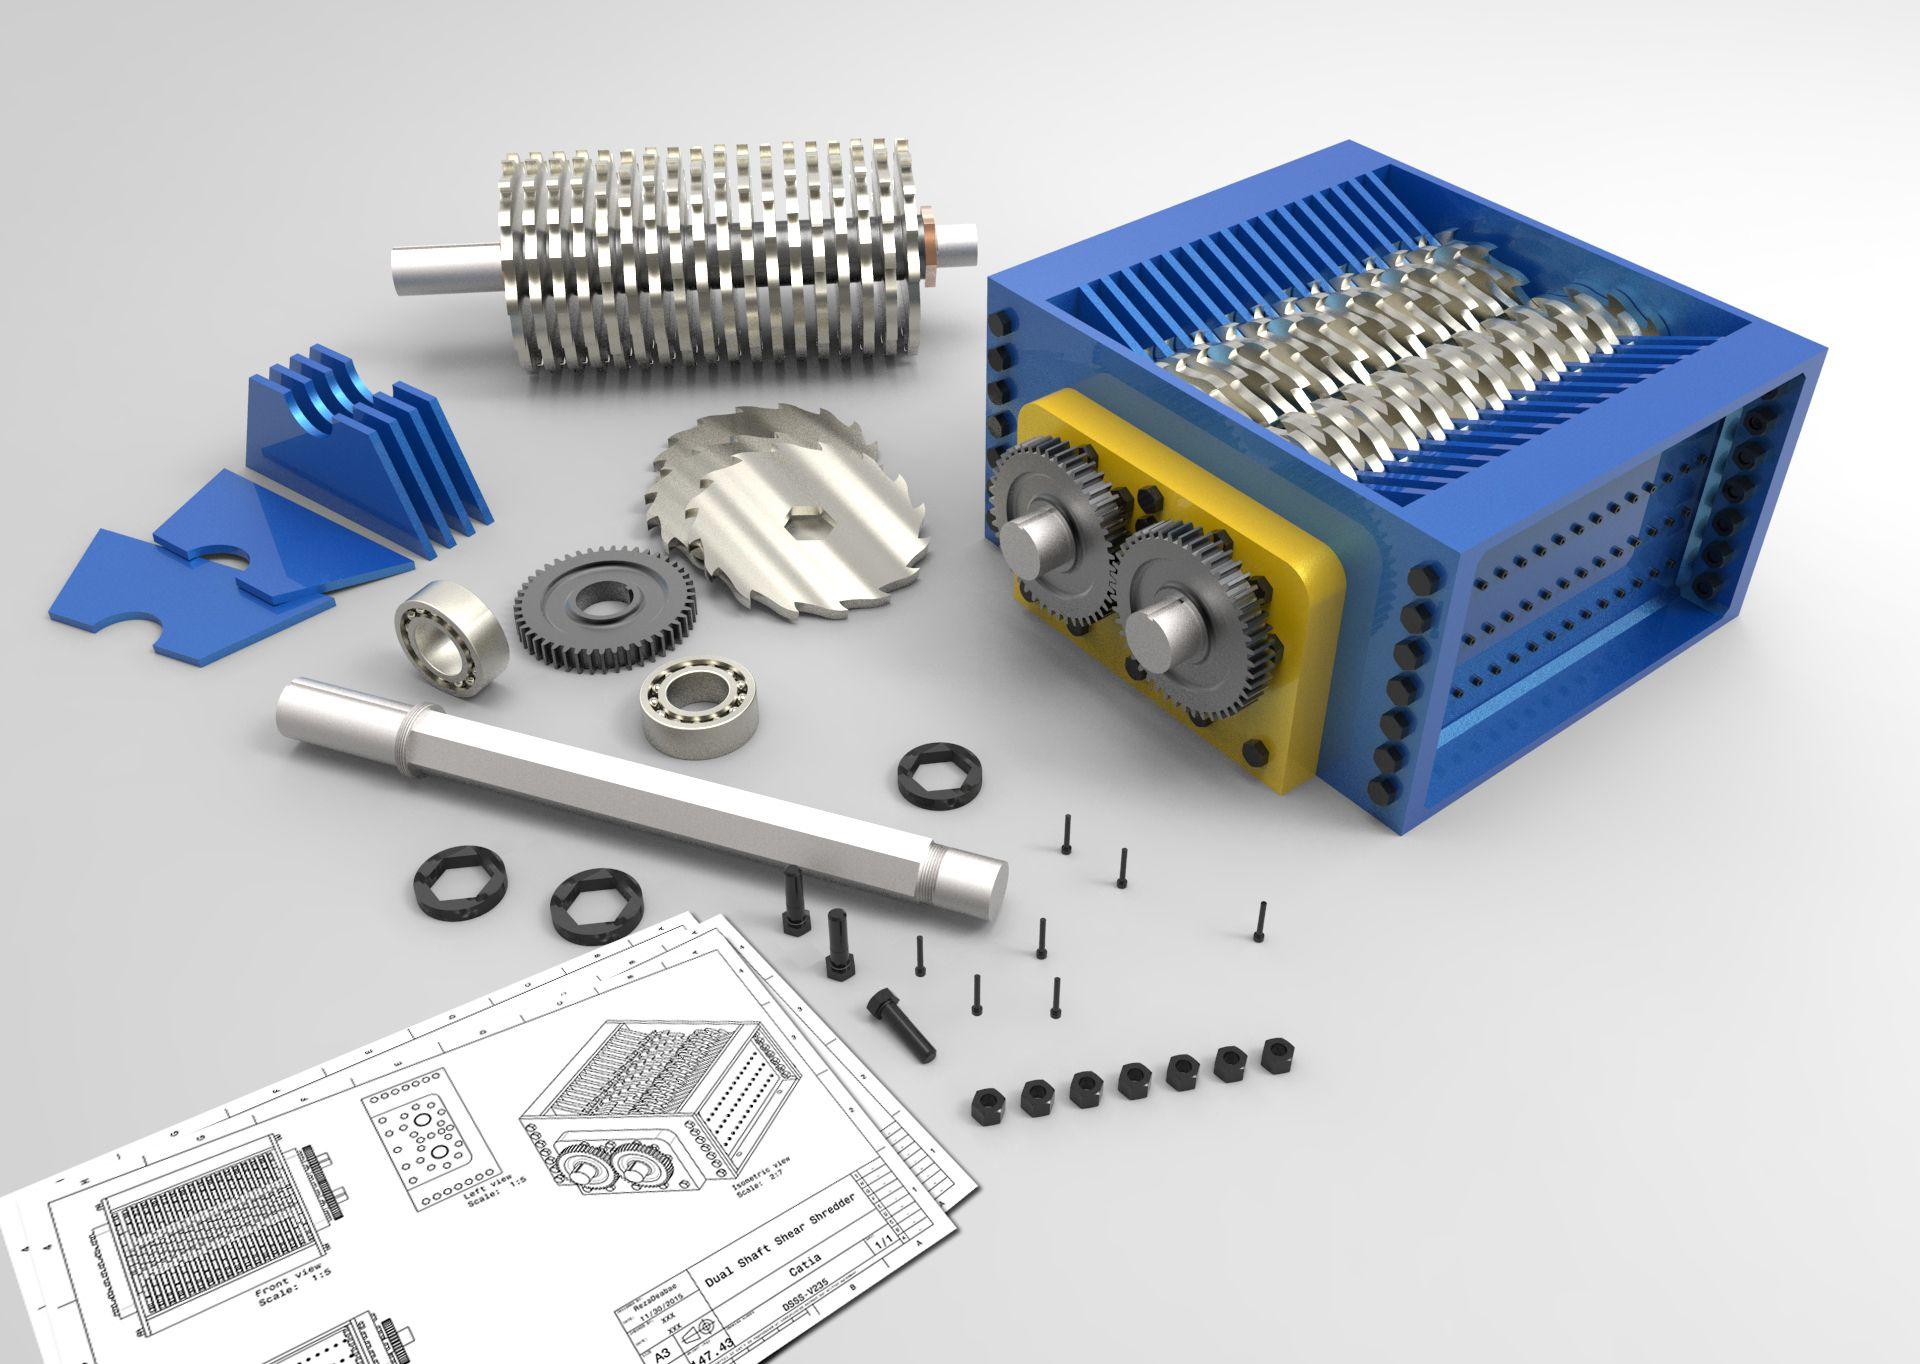 dual shaft shear shredder step iges,solidworks,catia 3d caddual shaft shear shredder step iges,solidworks,catia 3d cad model grabcad